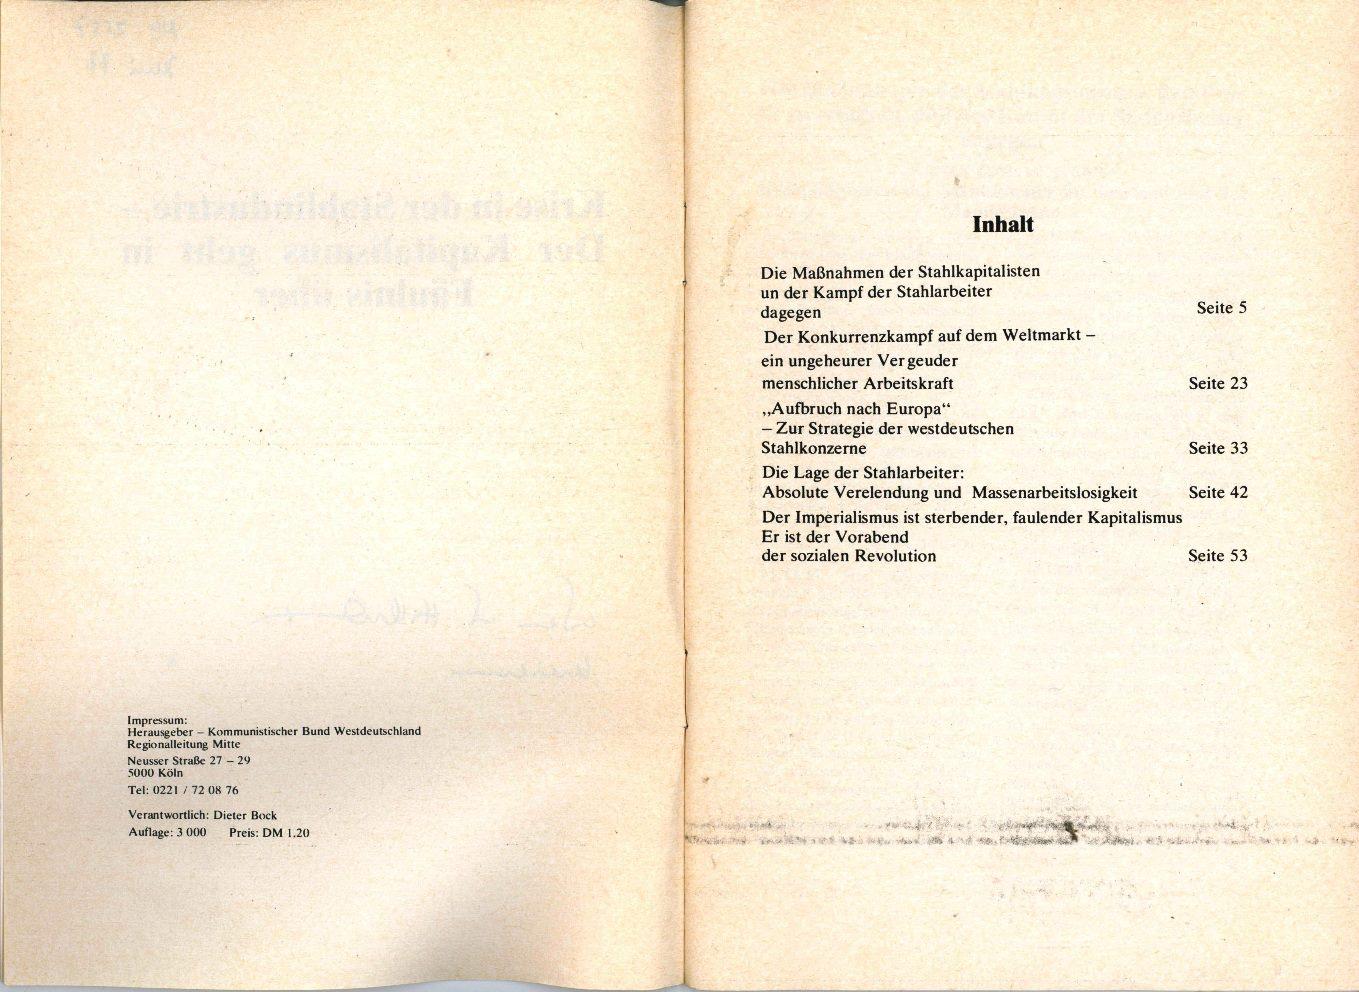 IGM_KBW_Krise_in_der_Stahlindustrie_1977_03